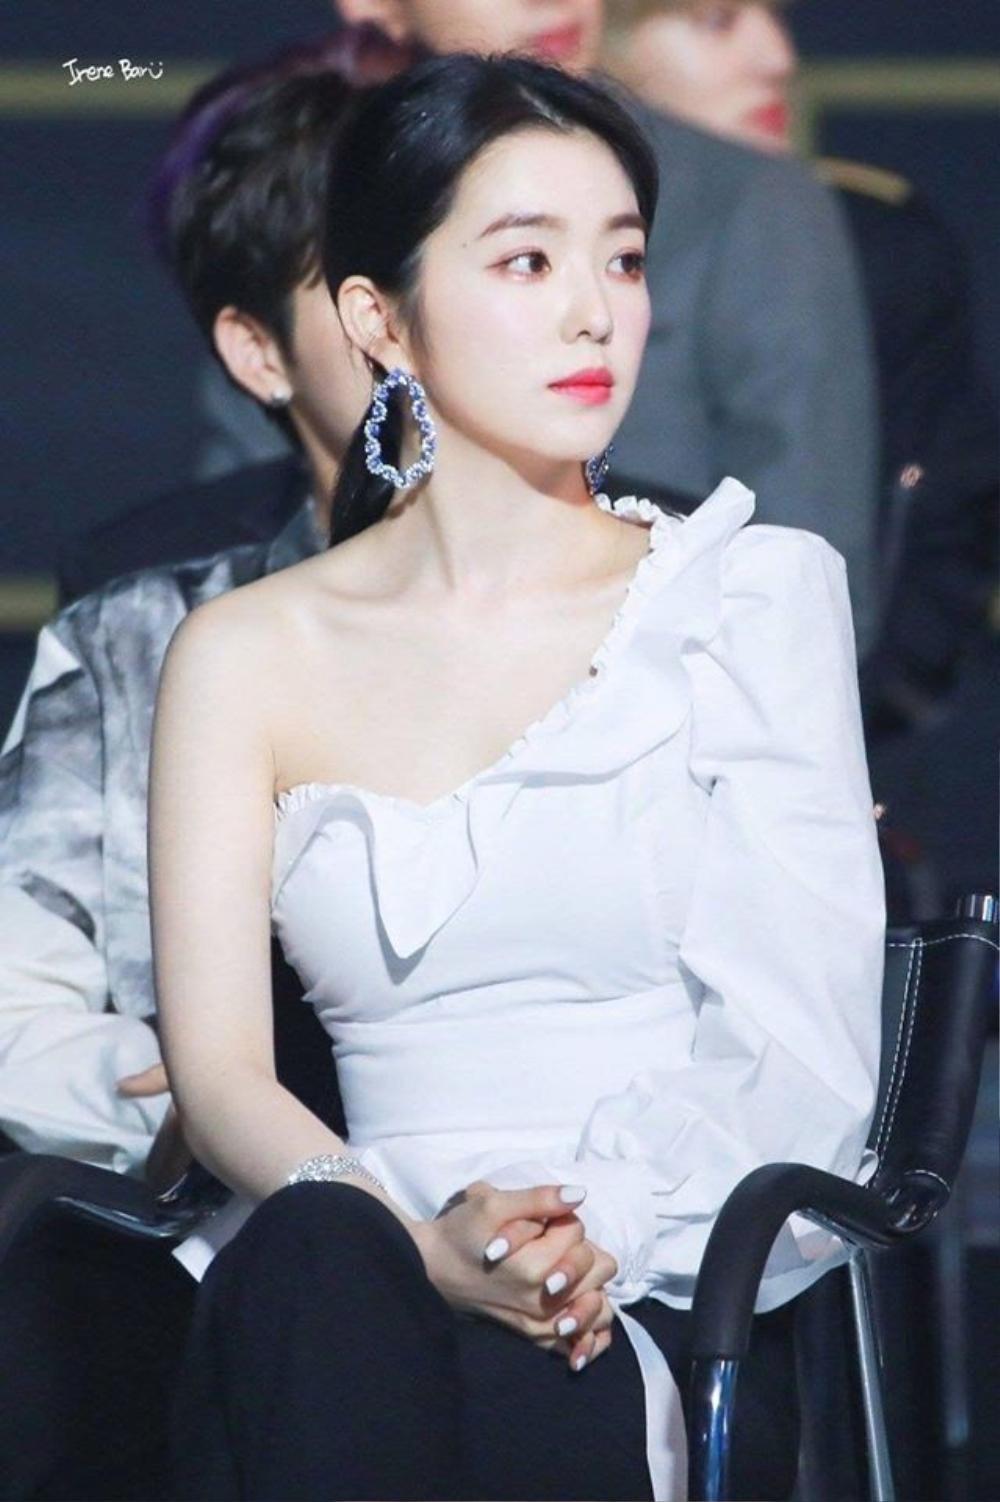 Hết Irene (Red Velvet) đến Chanyeol (EXO) gây phẫn nộ: SM khủng hoảng! Ảnh 6